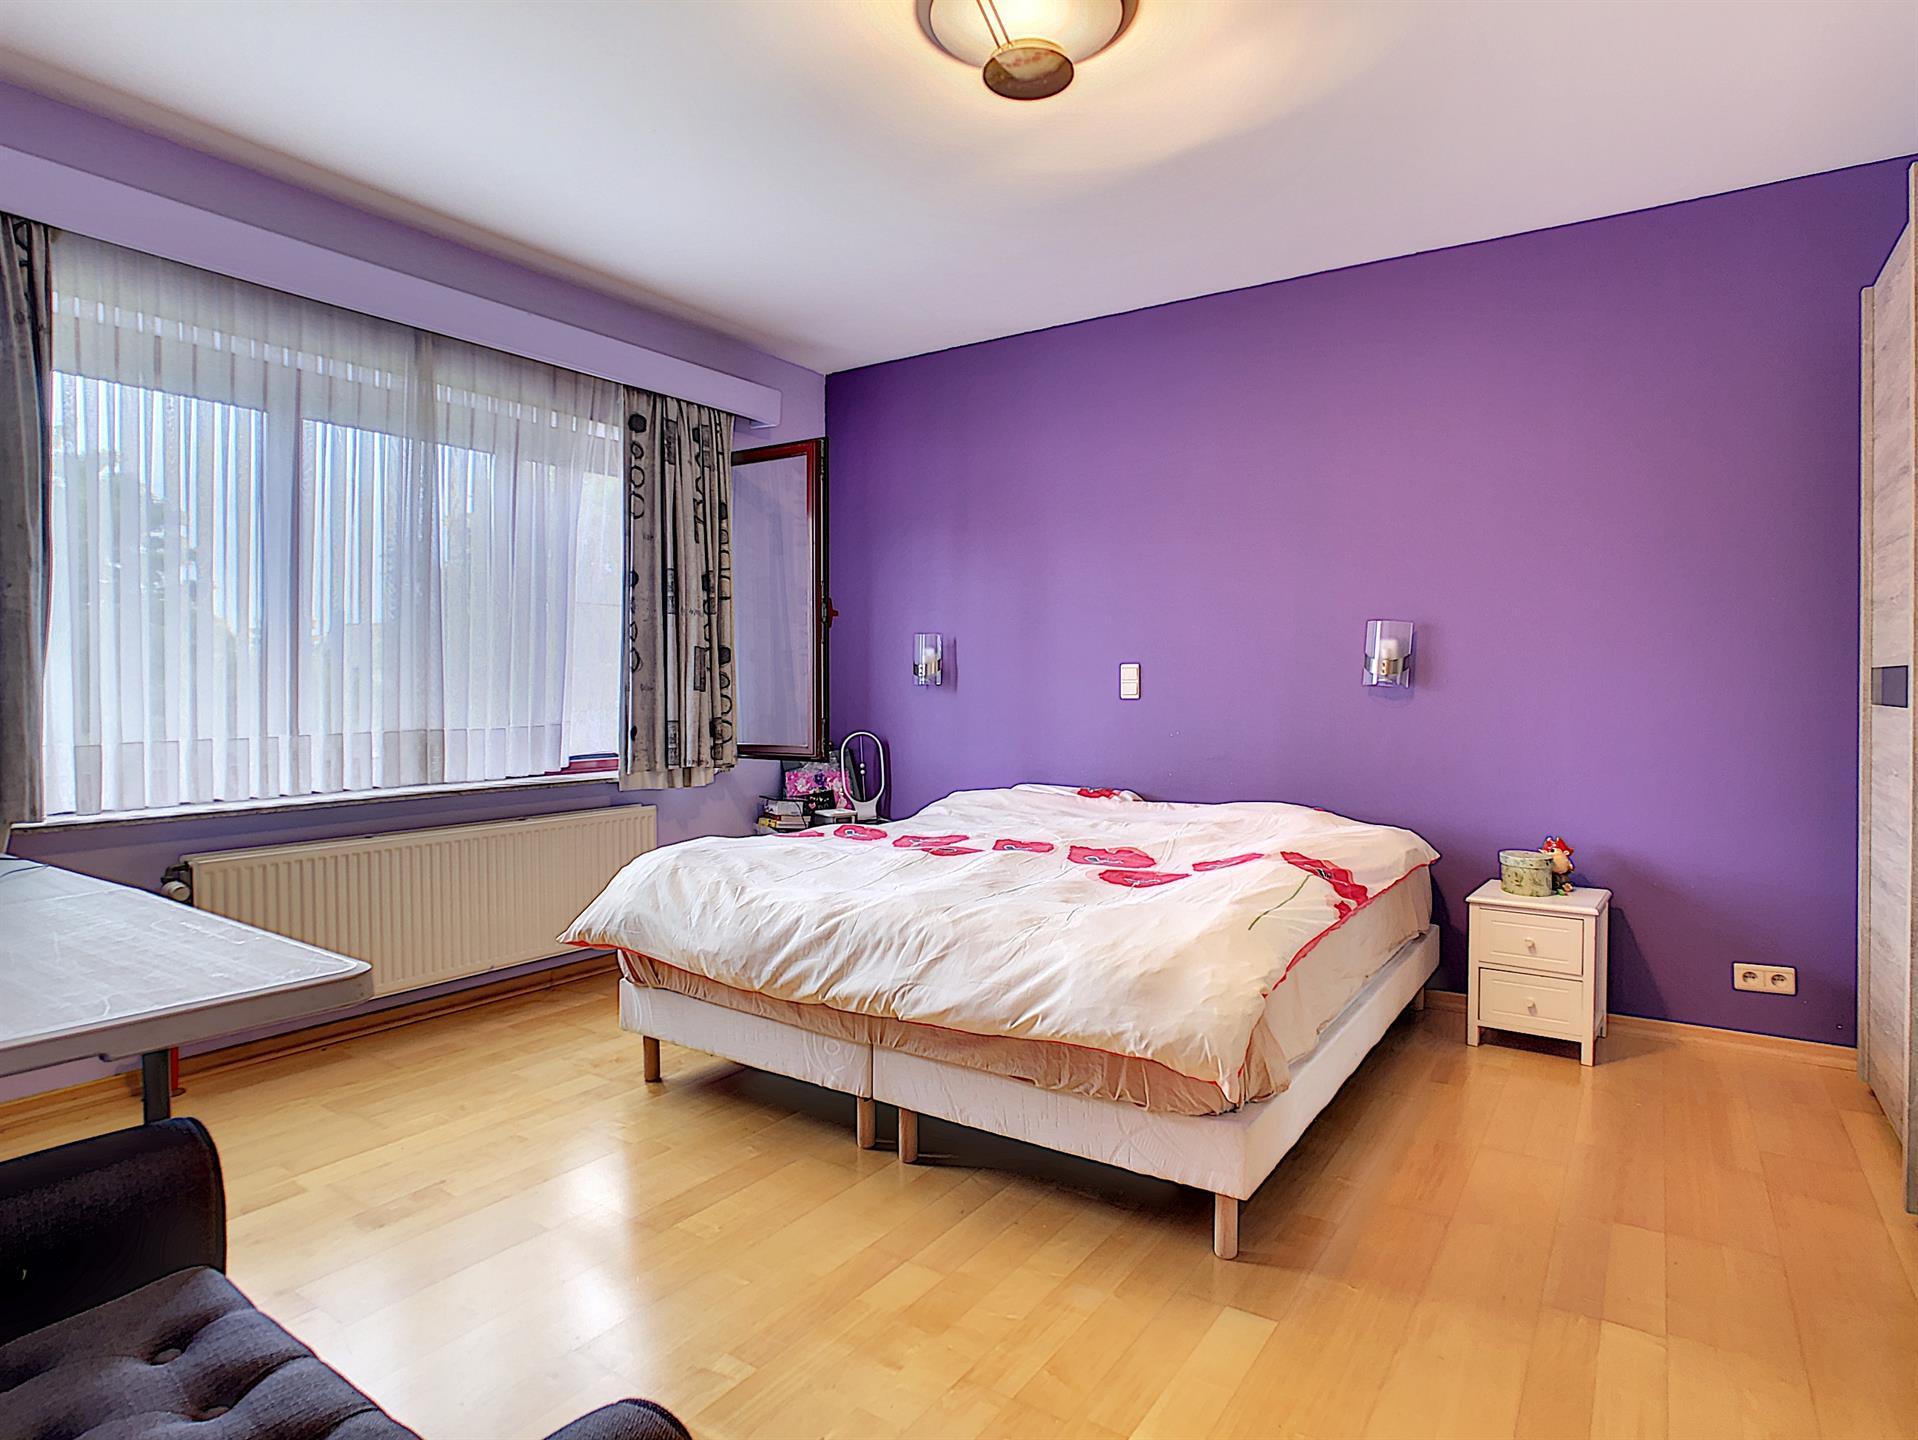 Bel-étage - Vilvoorde - #4419274-4